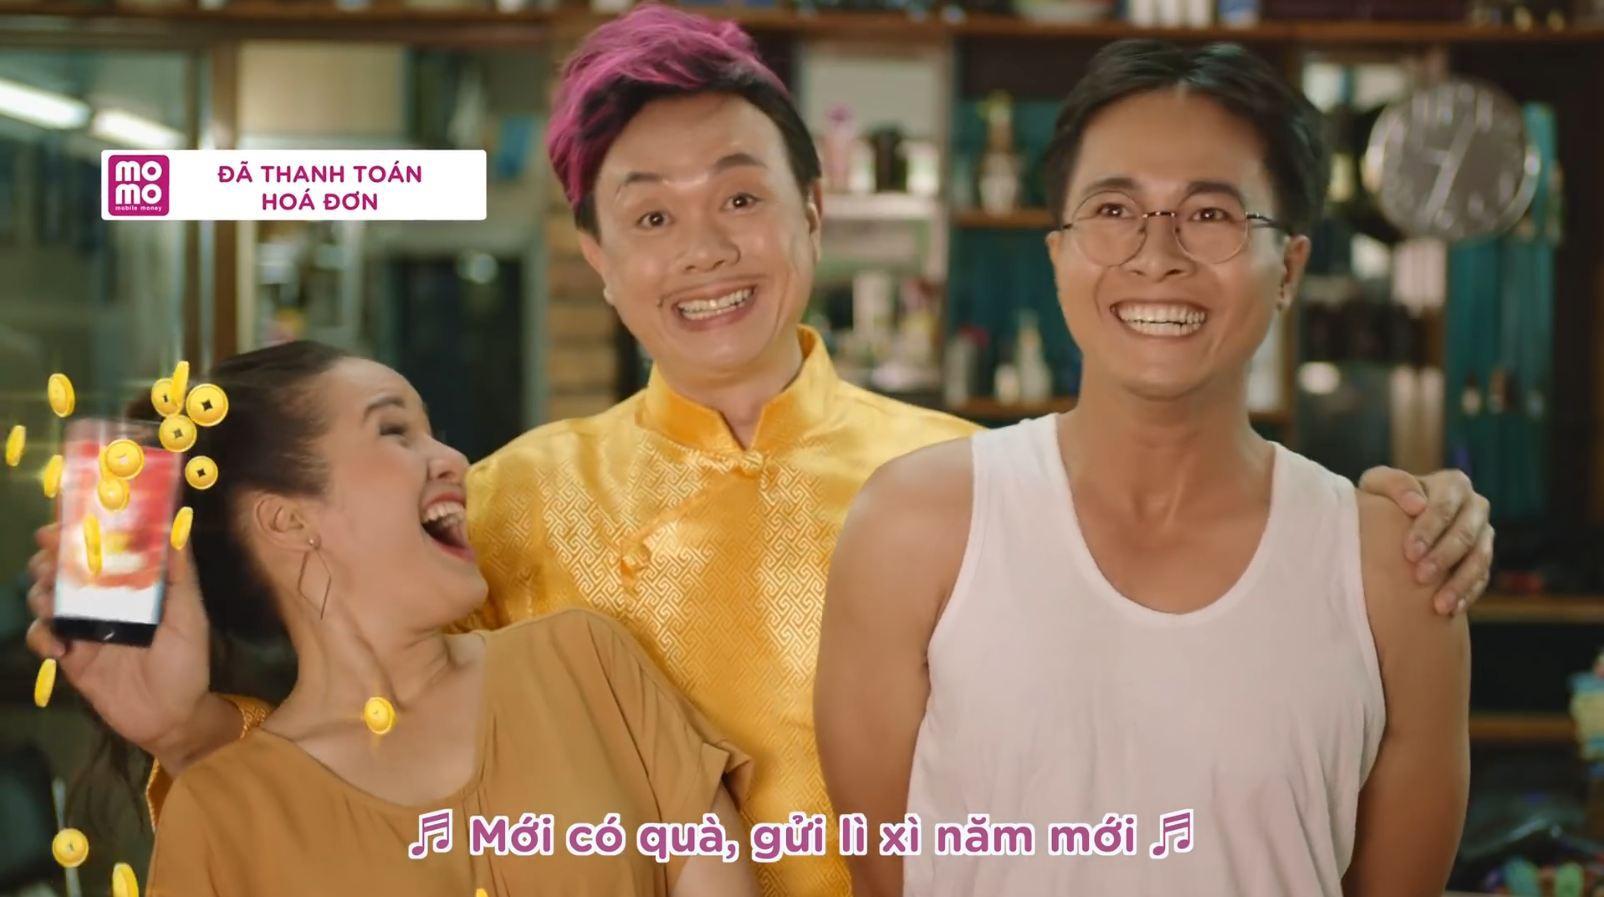 Nghệ sĩ Chí Tài bất ngờ tung MV hài Tết siêu vui - Ảnh 4.